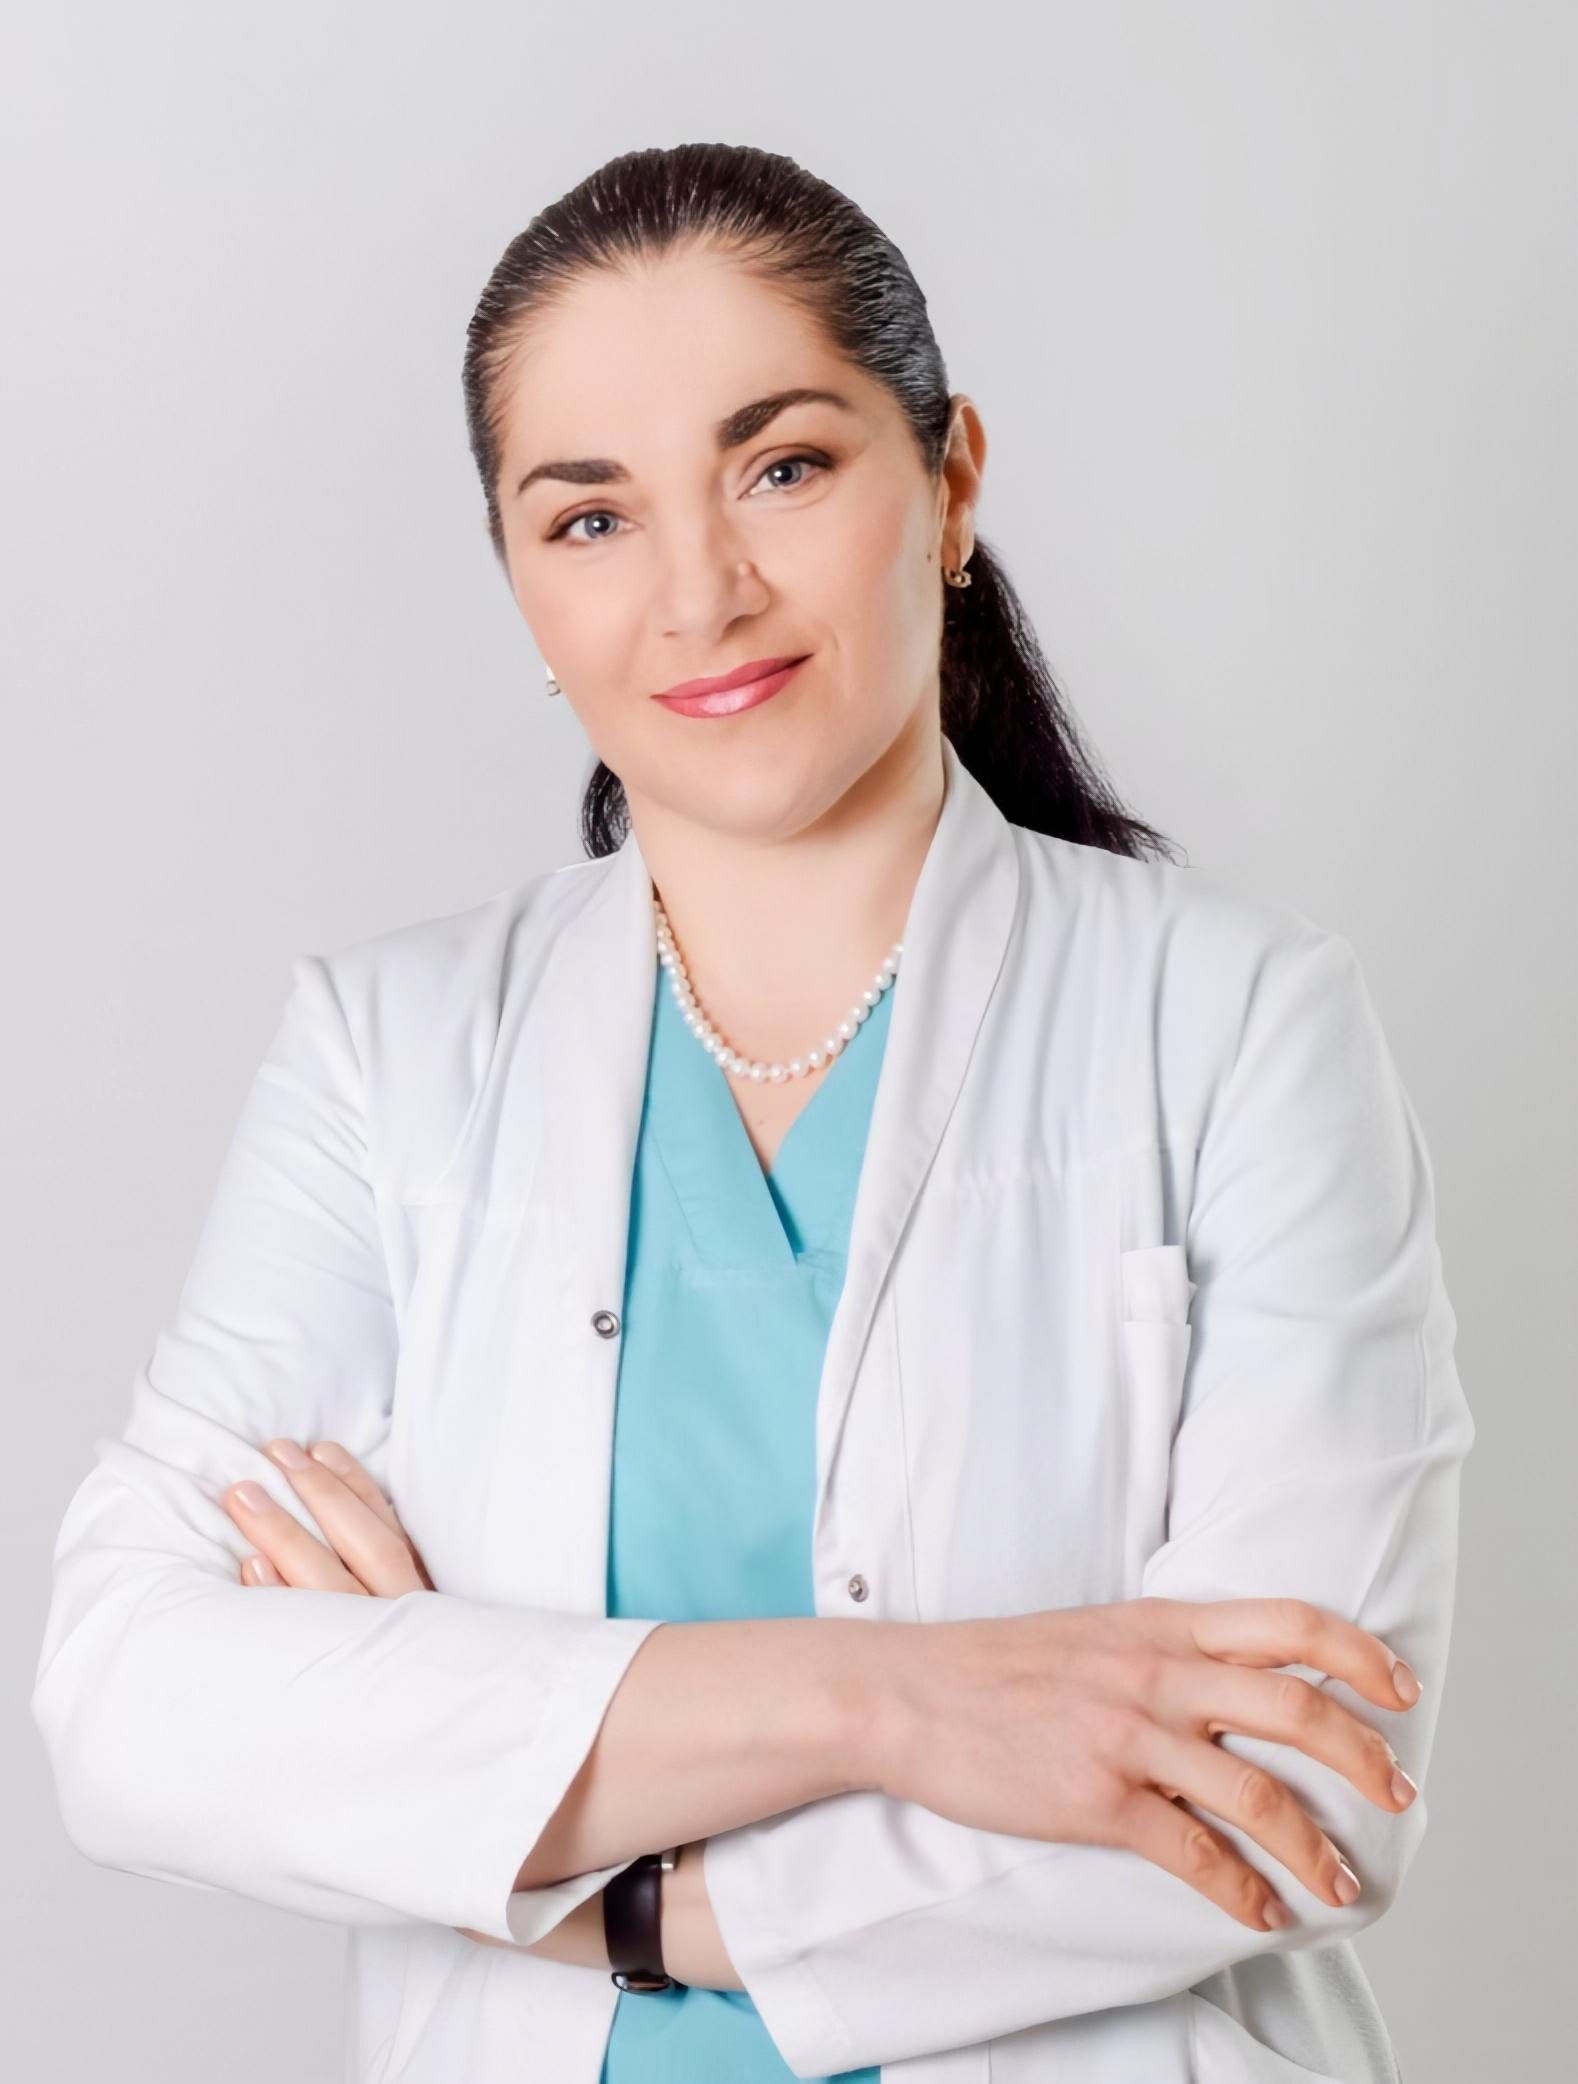 Plakhotnaya Oksana Valeryevna